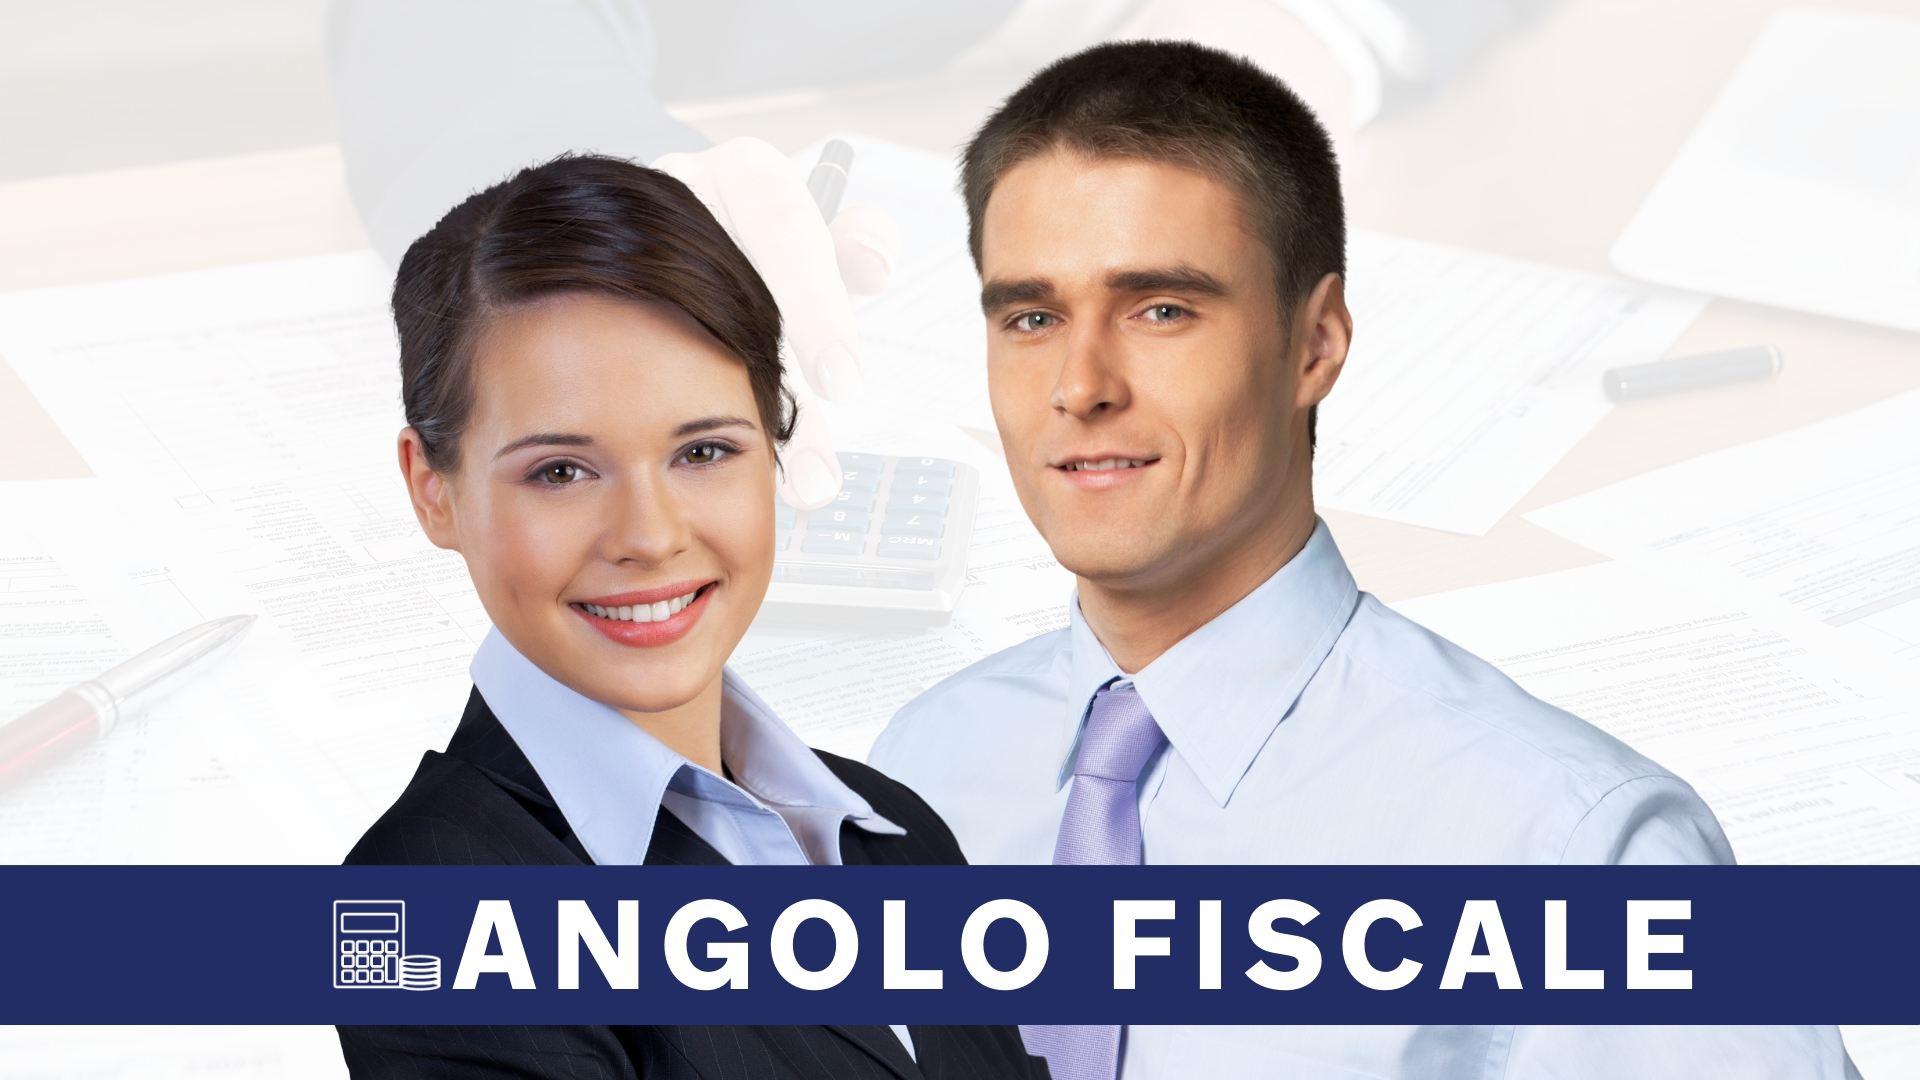 Angolo Fiscale